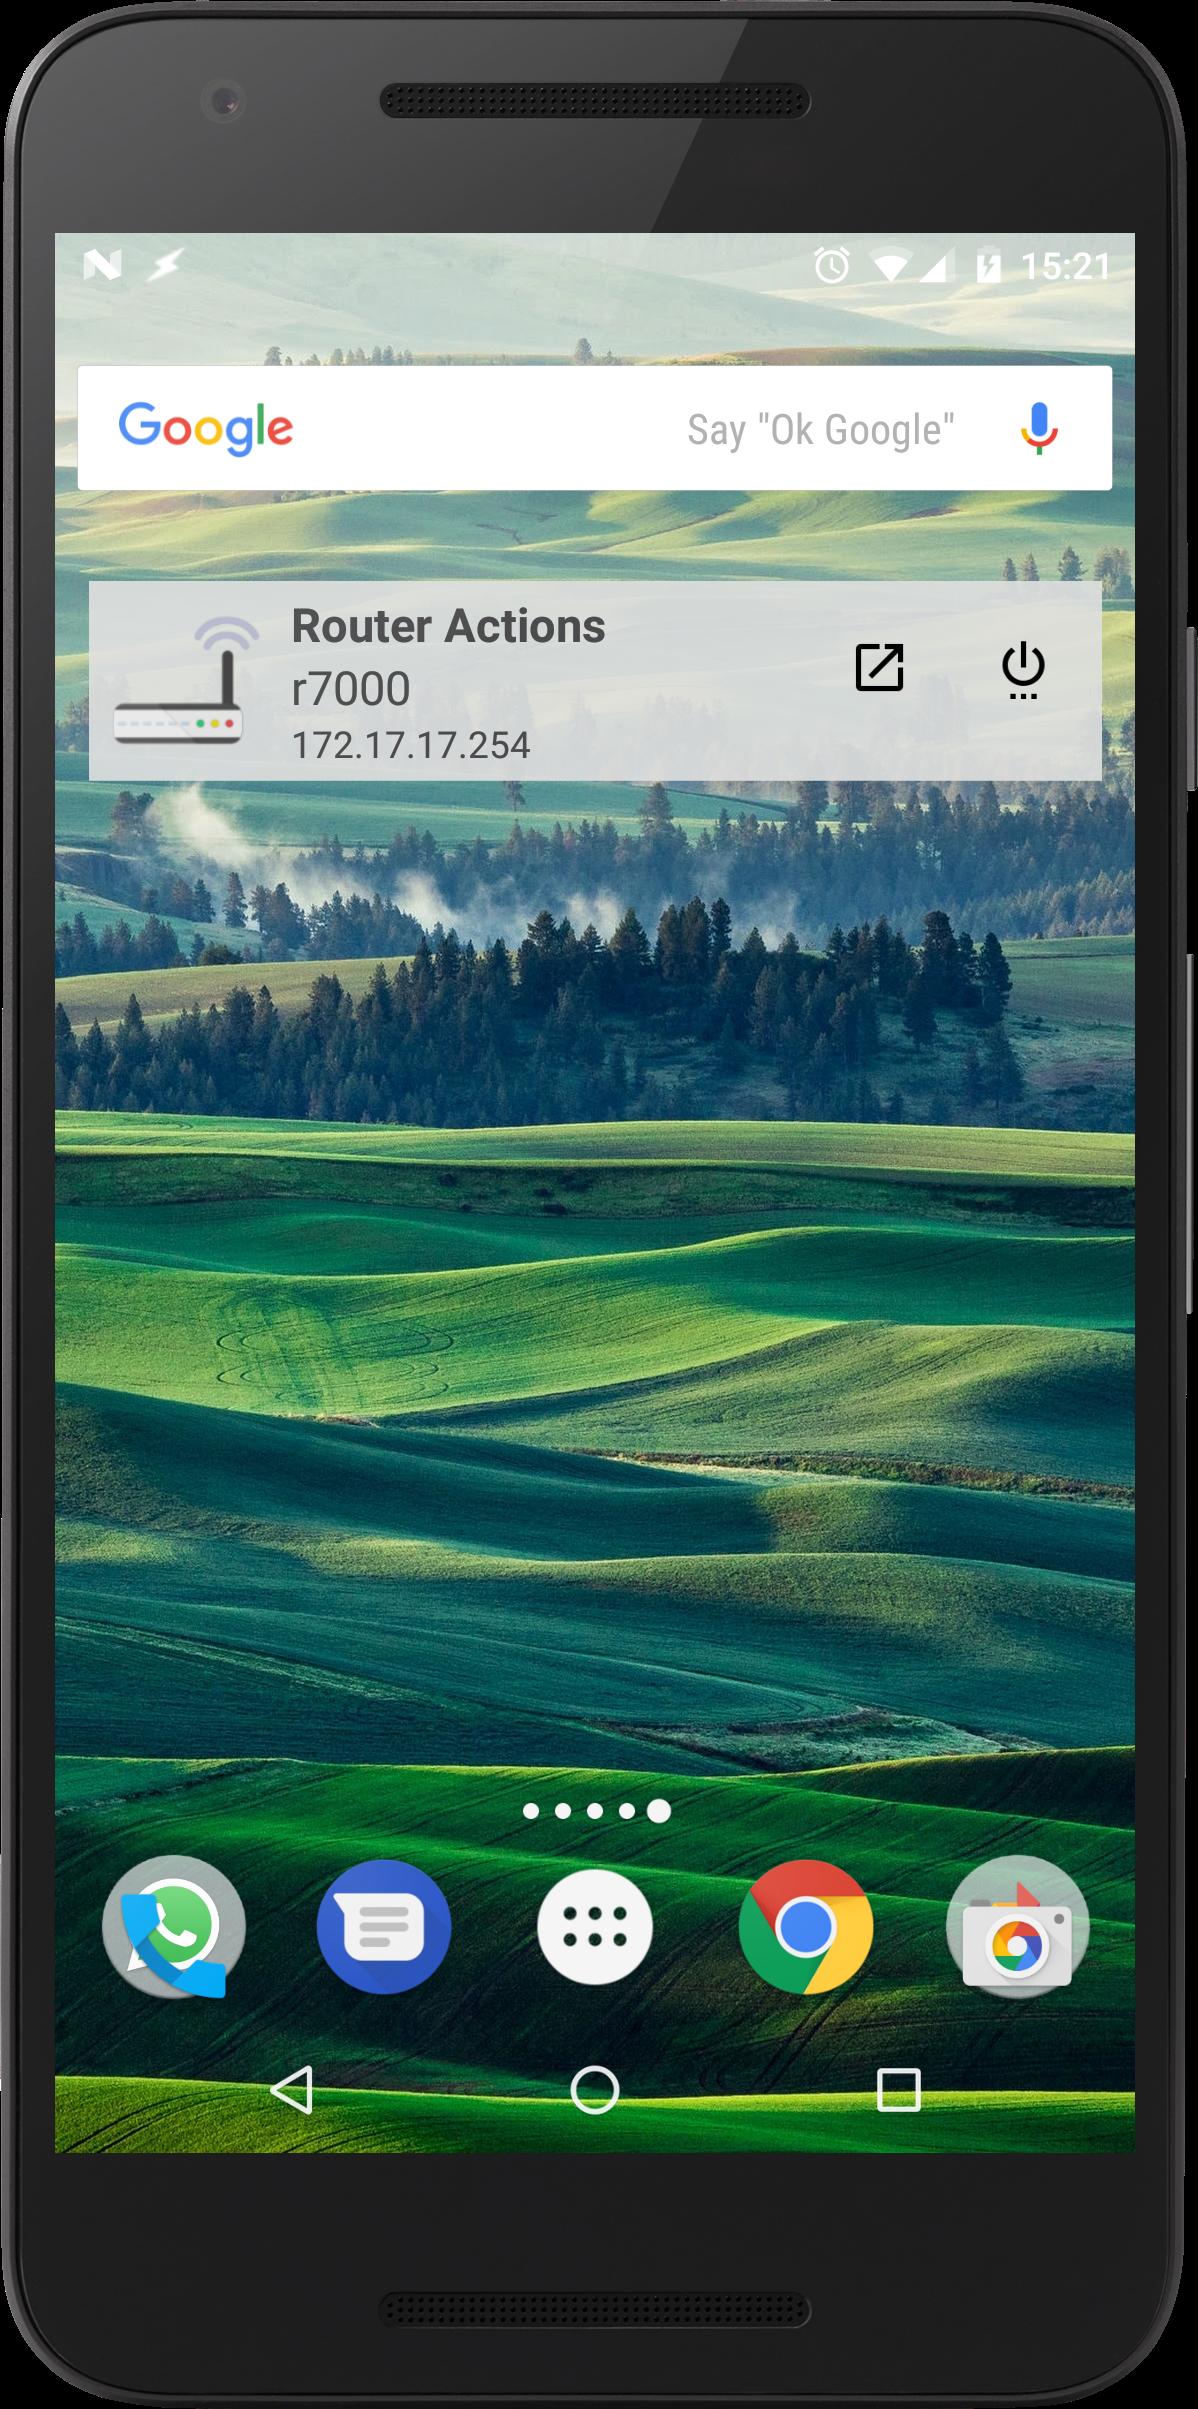 Widget - Router Actions